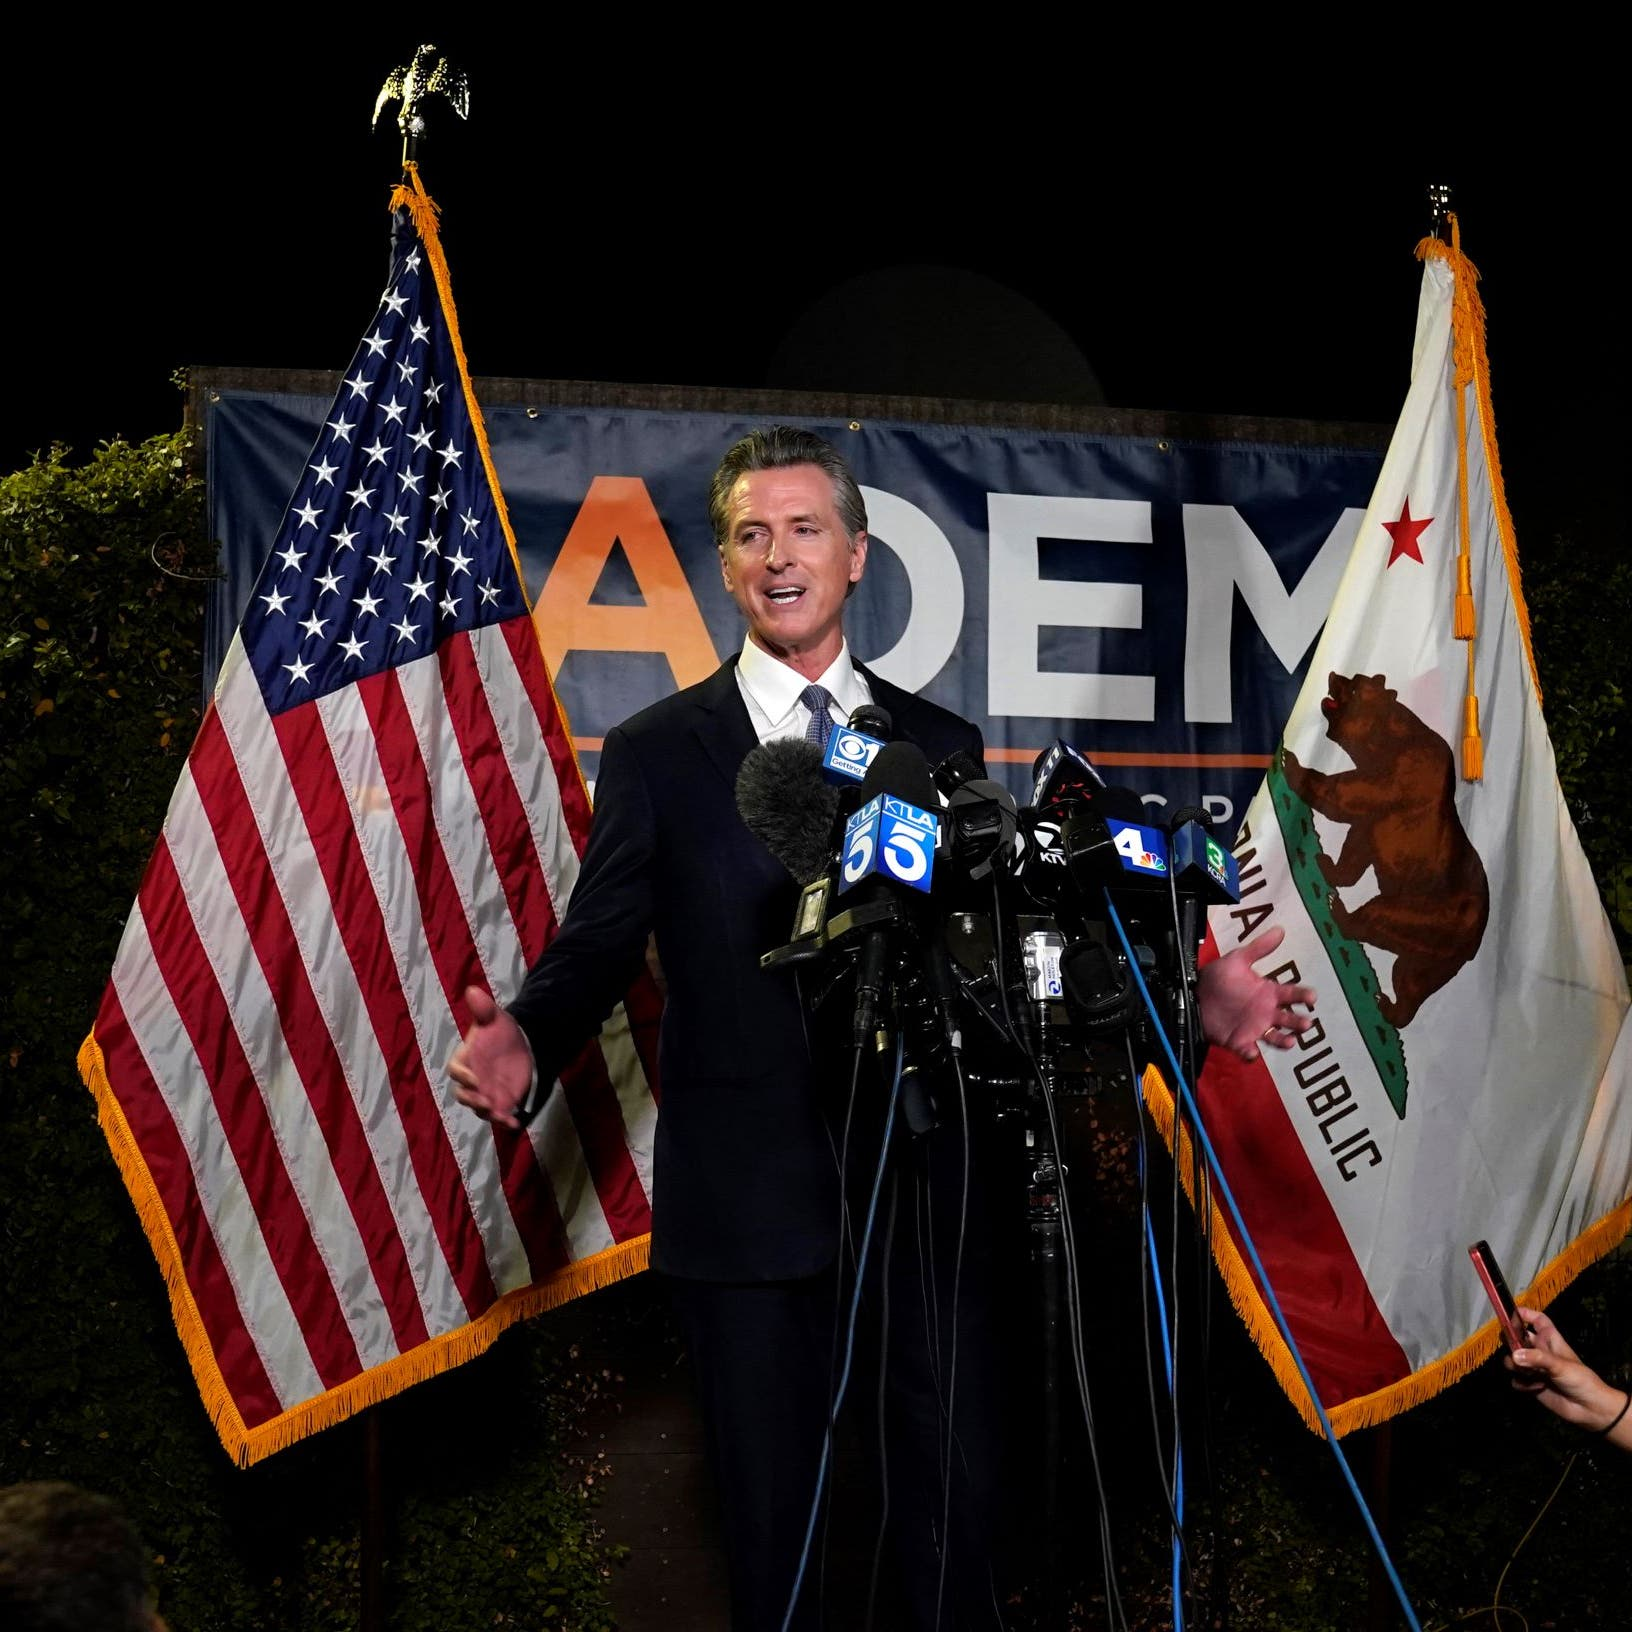 حاكم ولاية كاليفورنيا الديمقراطي ينجو من استفتاء ضد عزله